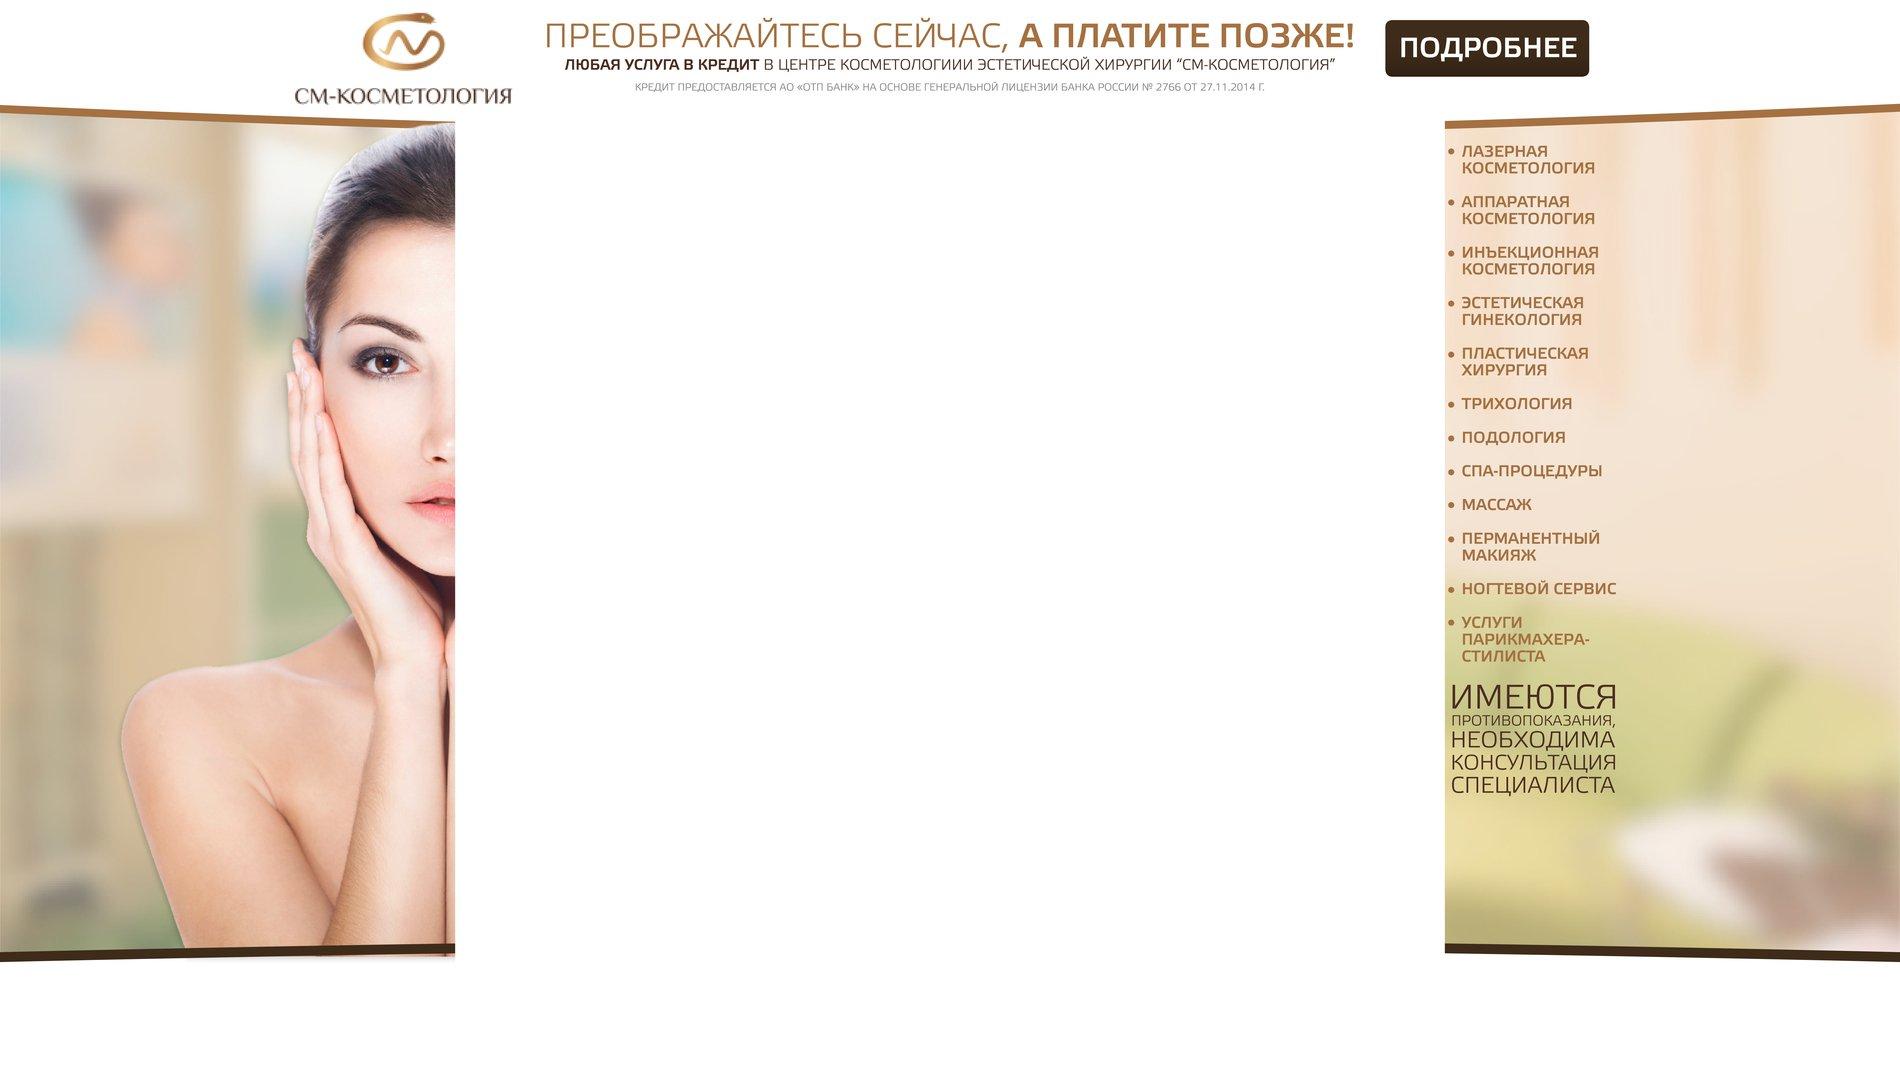 Фракционный фототермолиз Улица Ломоносова Чебоксары можно ли делать ультразвуковой пилинг беременным